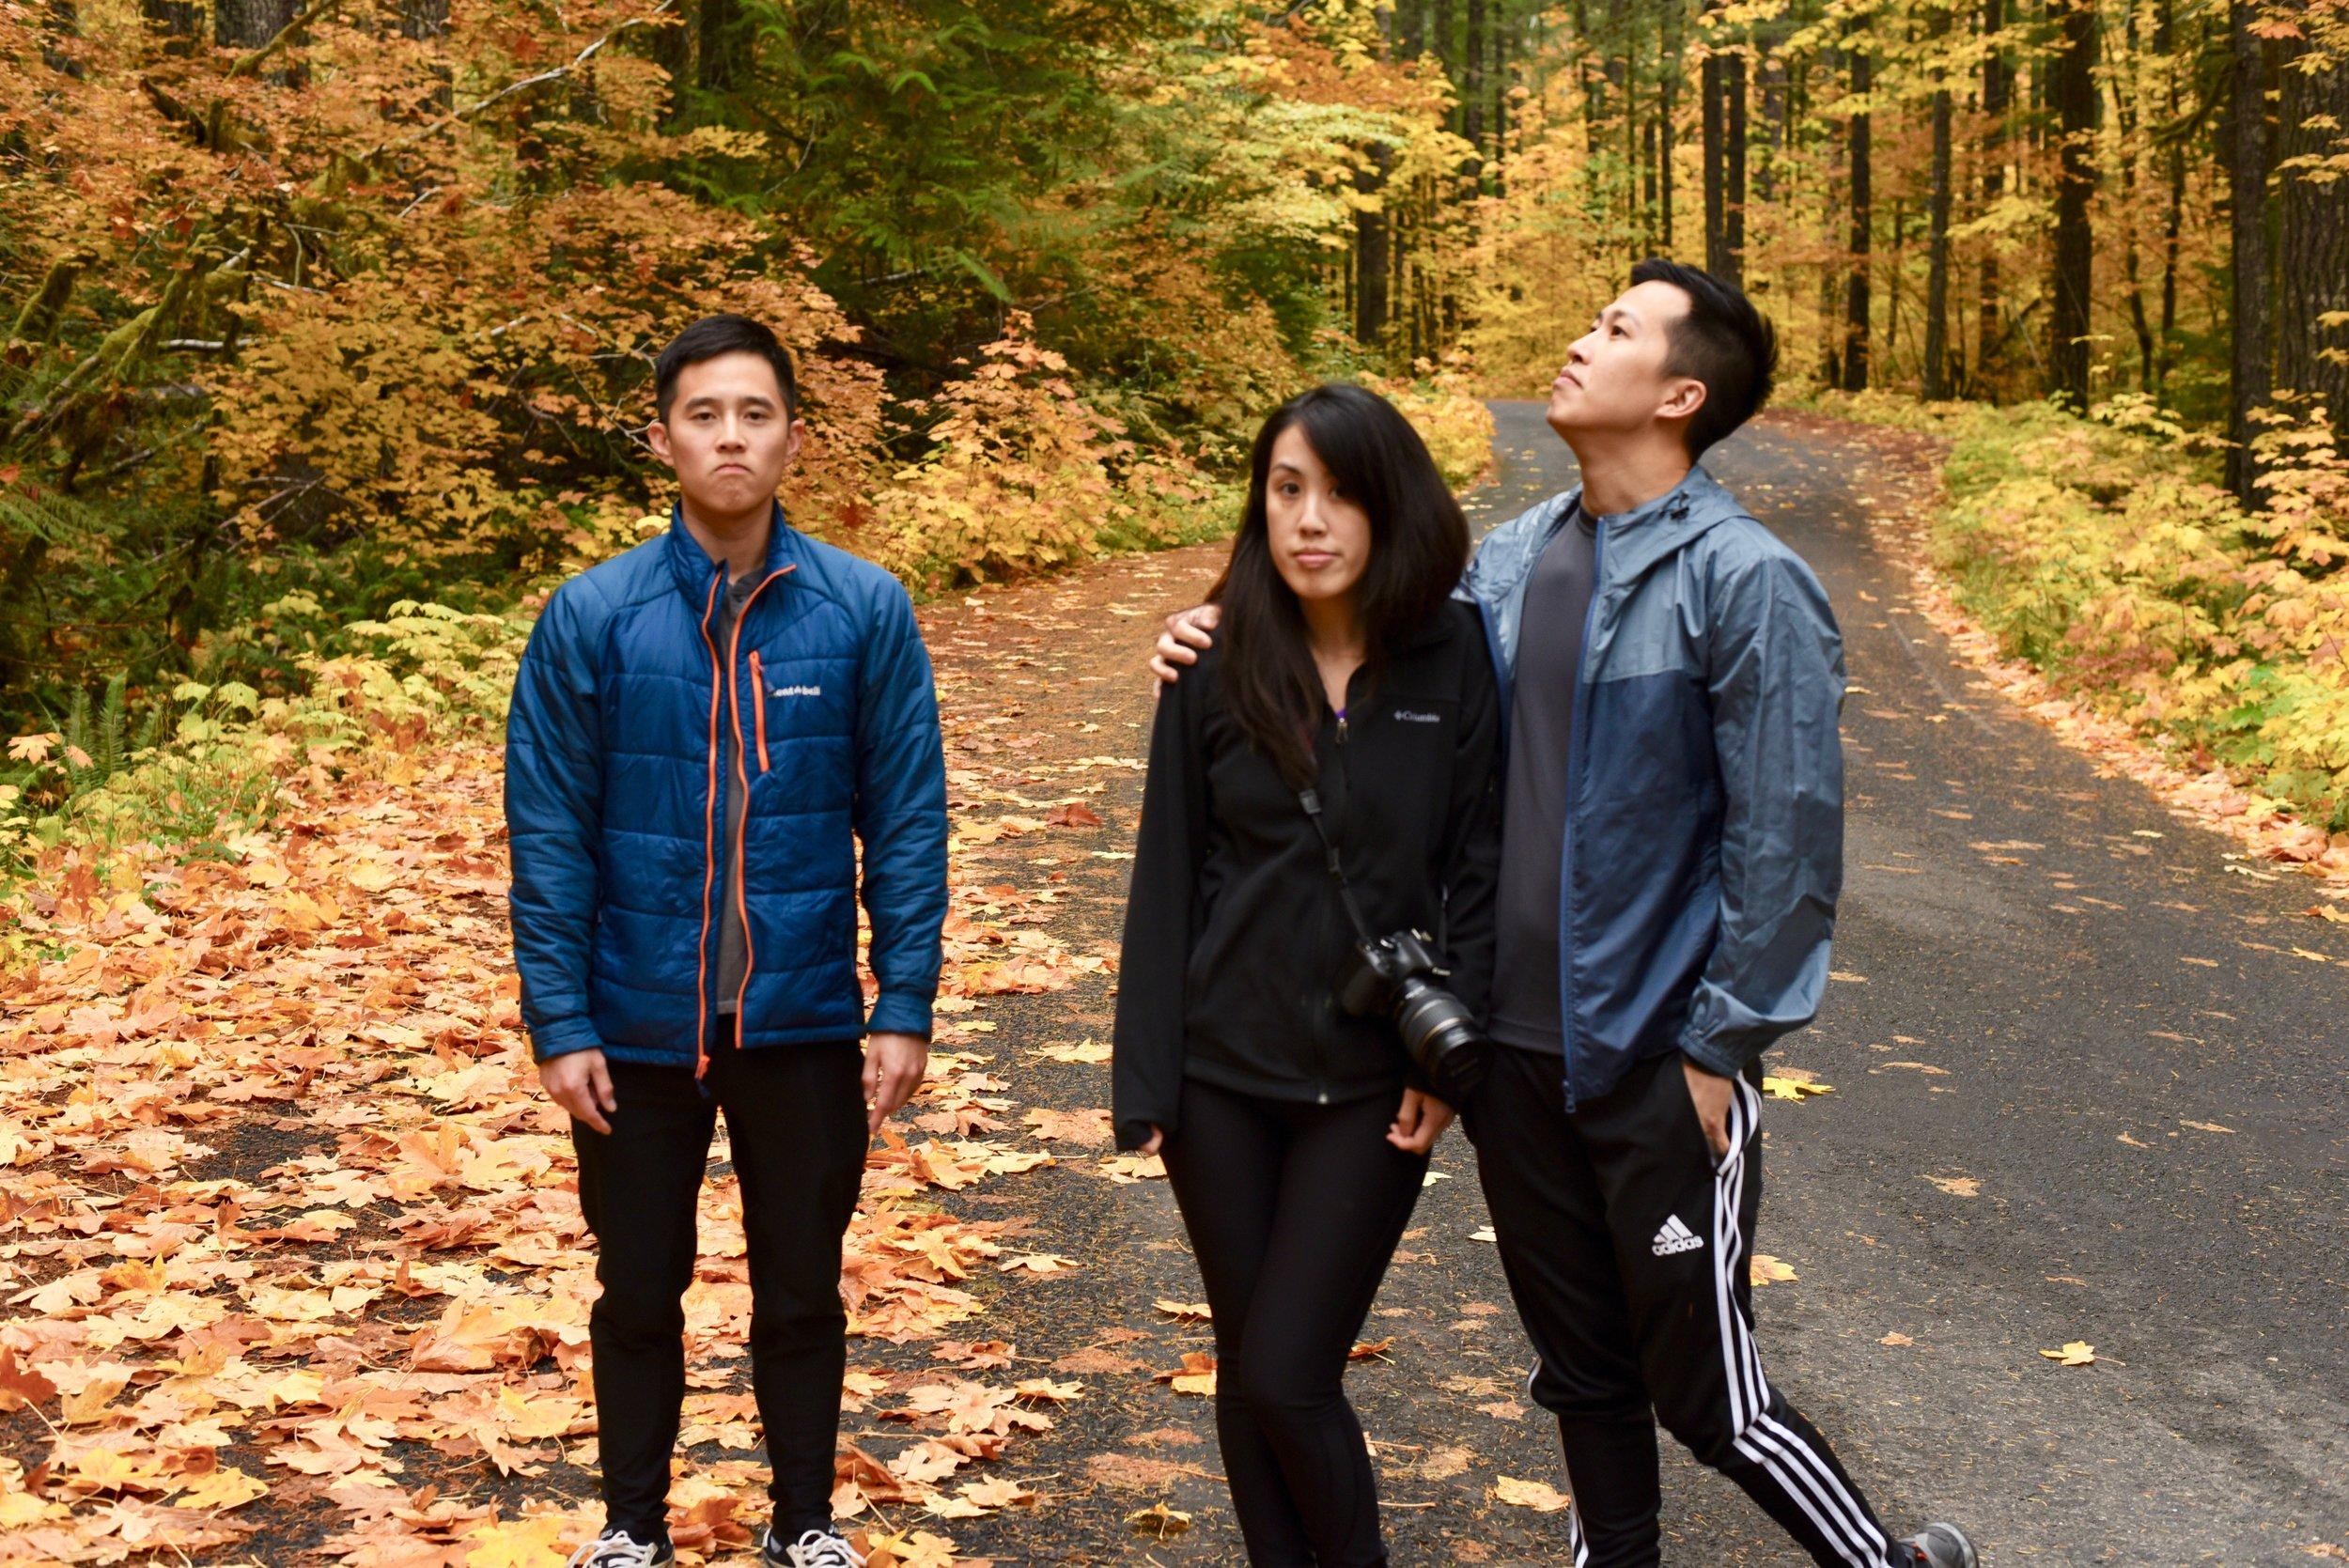 Hiking in Portland_DSC_9770.jpg